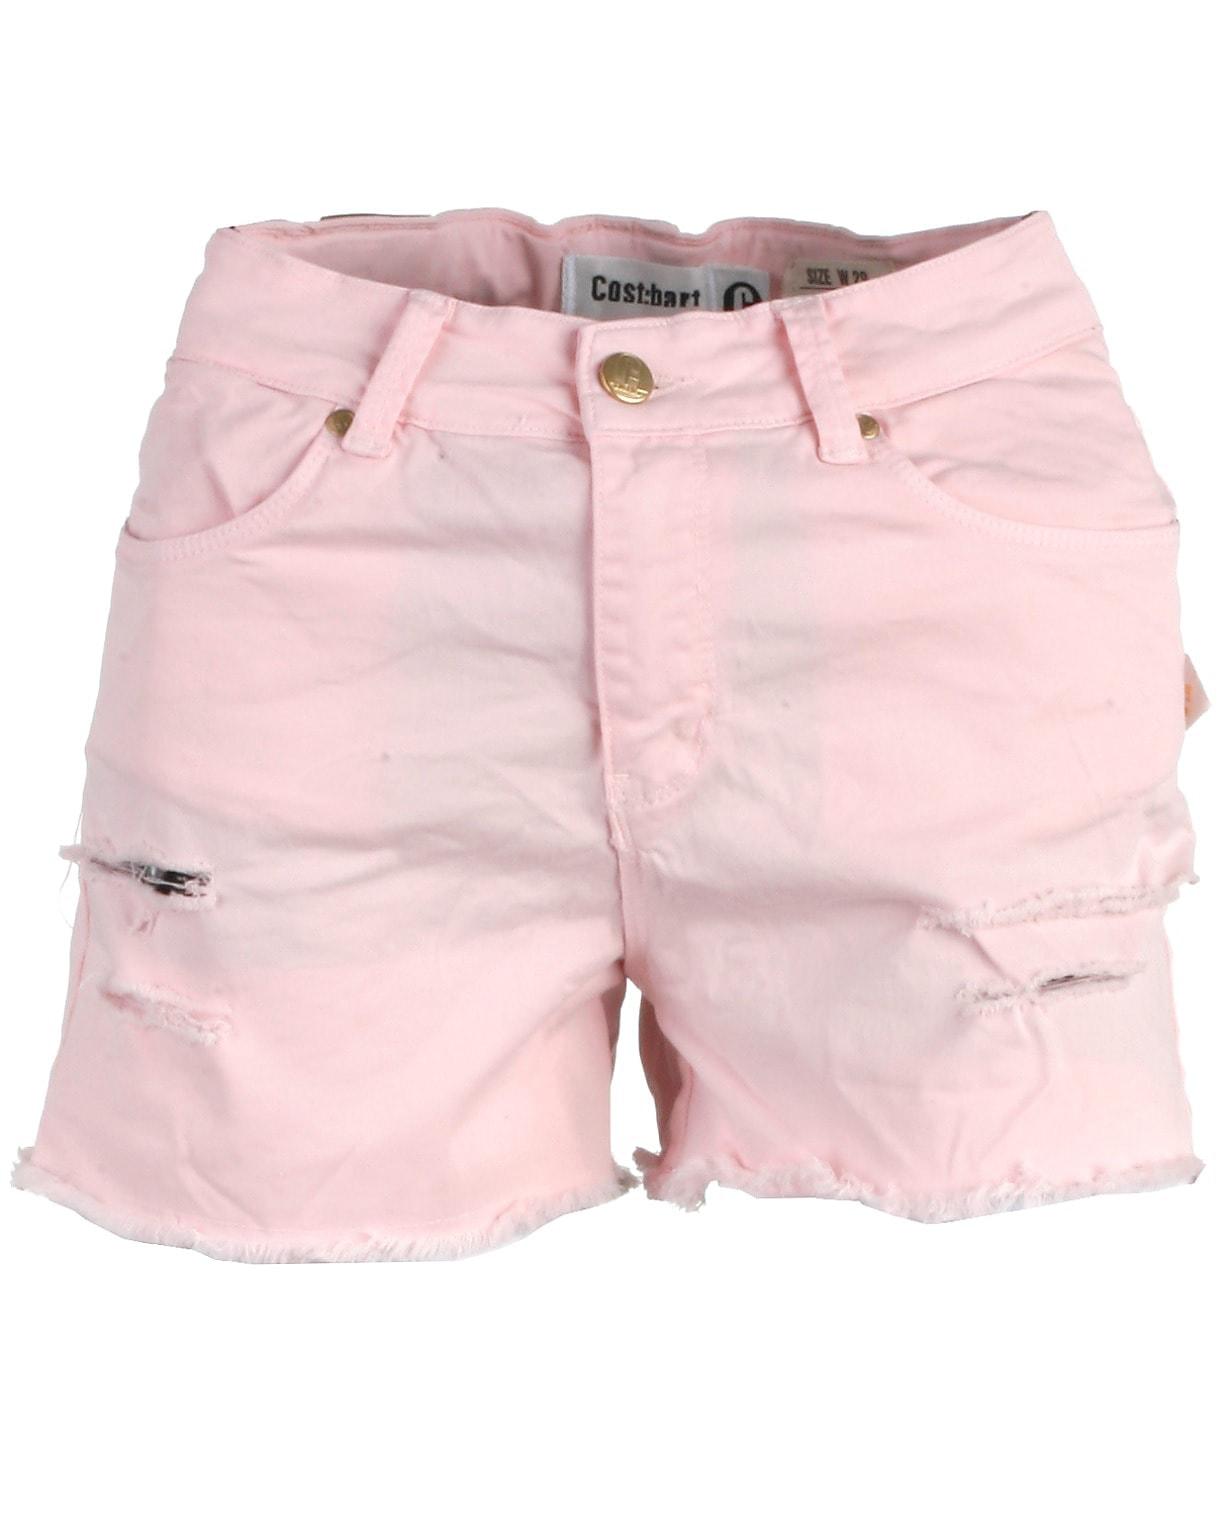 547d108ca0e1 Cost bart shorts